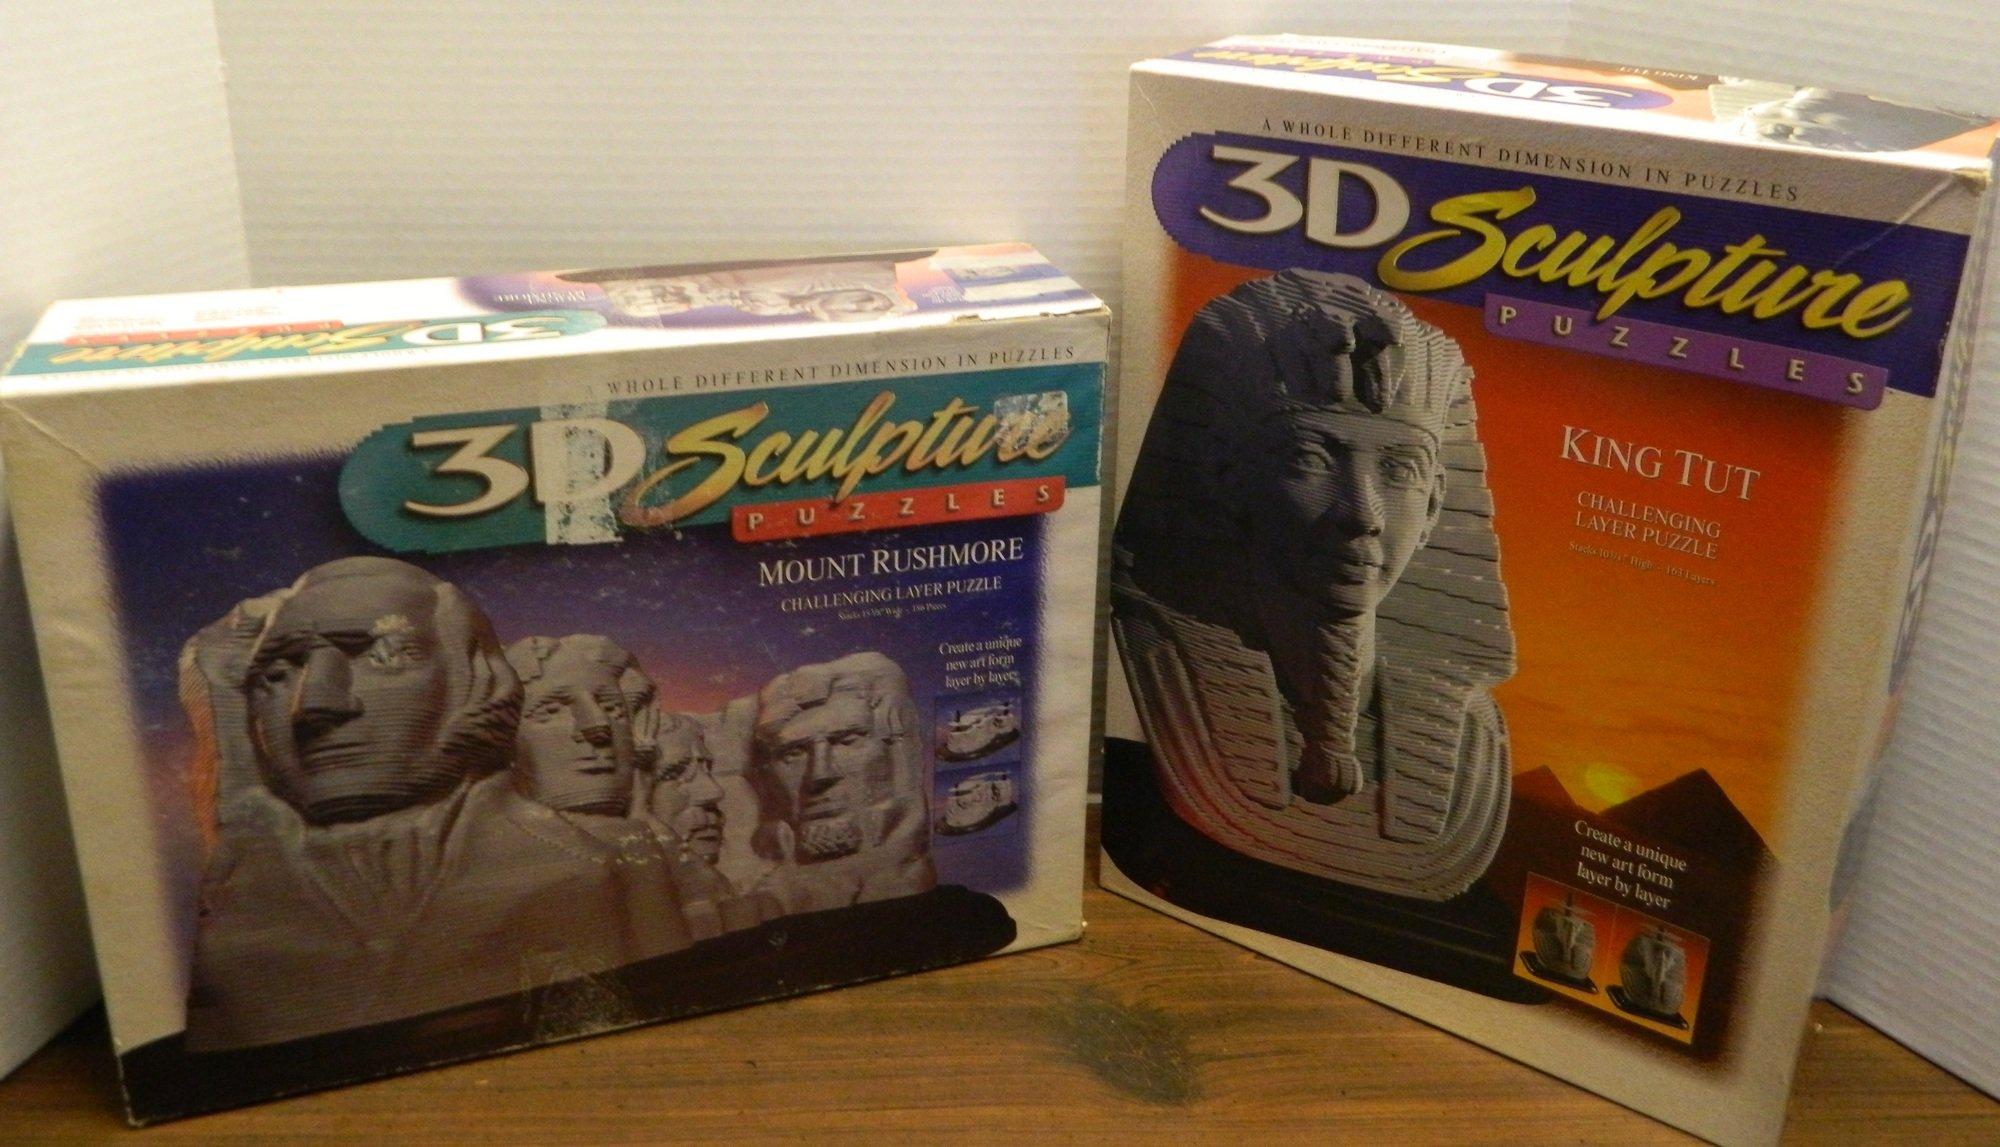 Sculpture Puzzle Boxes